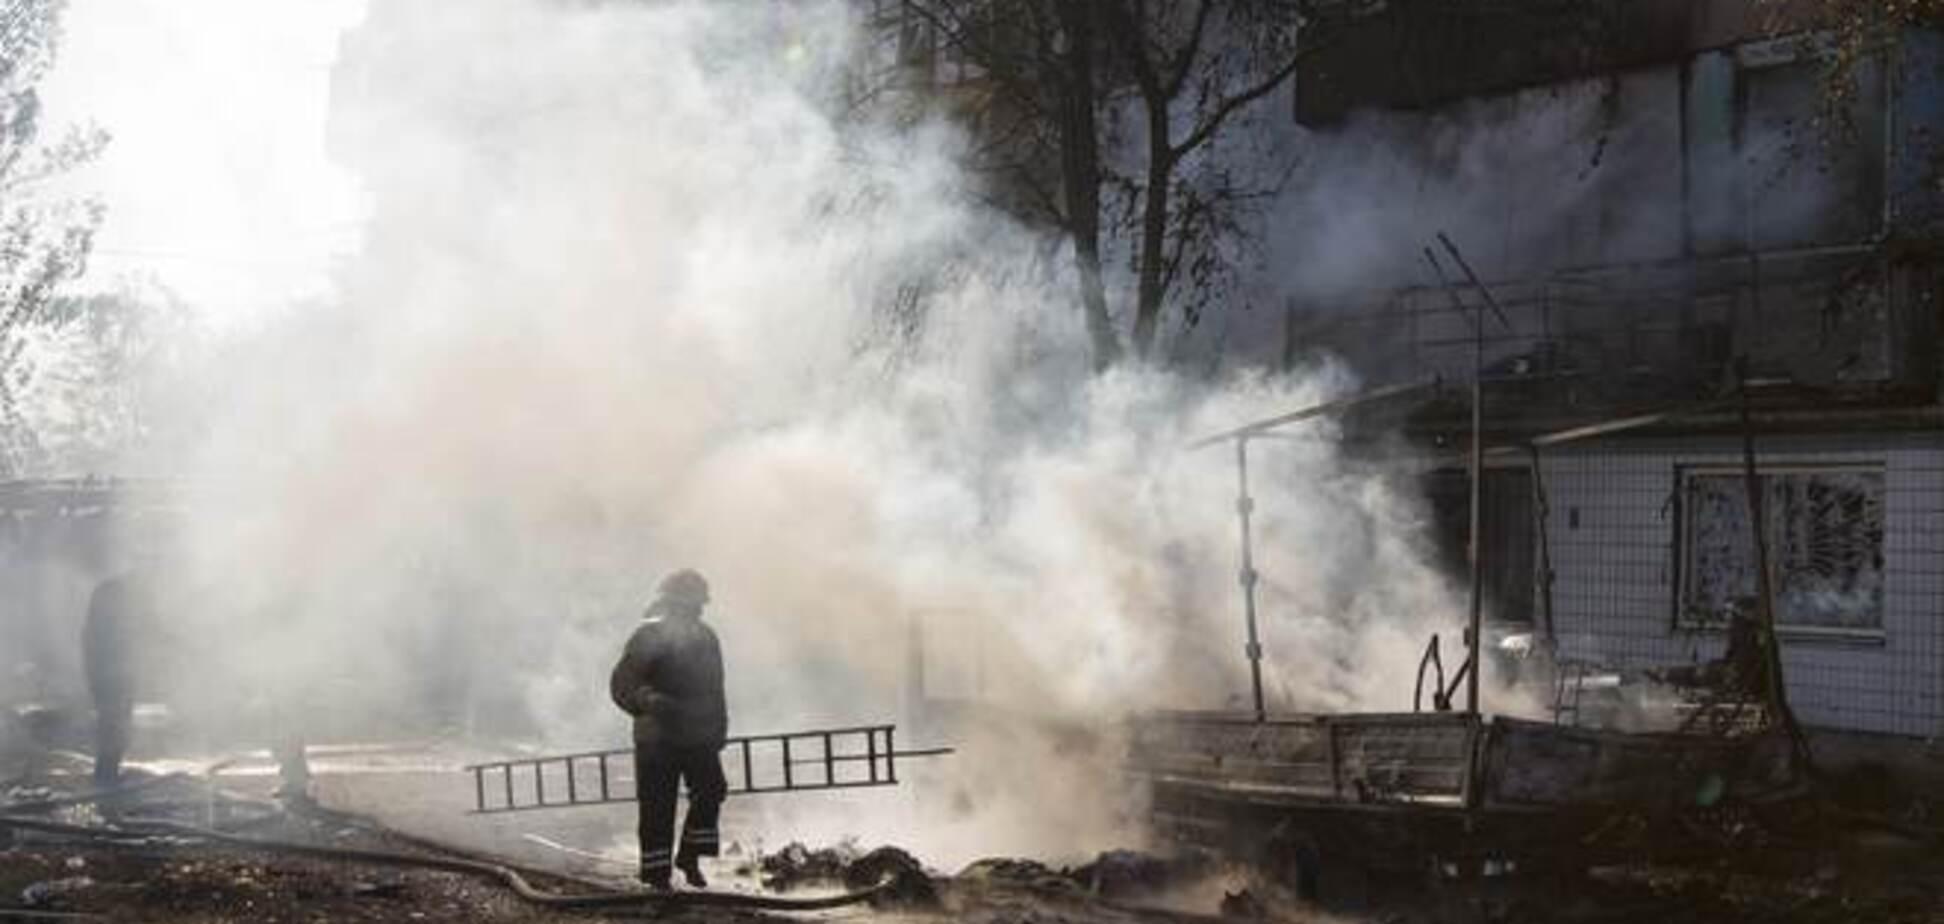 Из-за обстрелов террористов погибли трое мирных жителей Донетчины